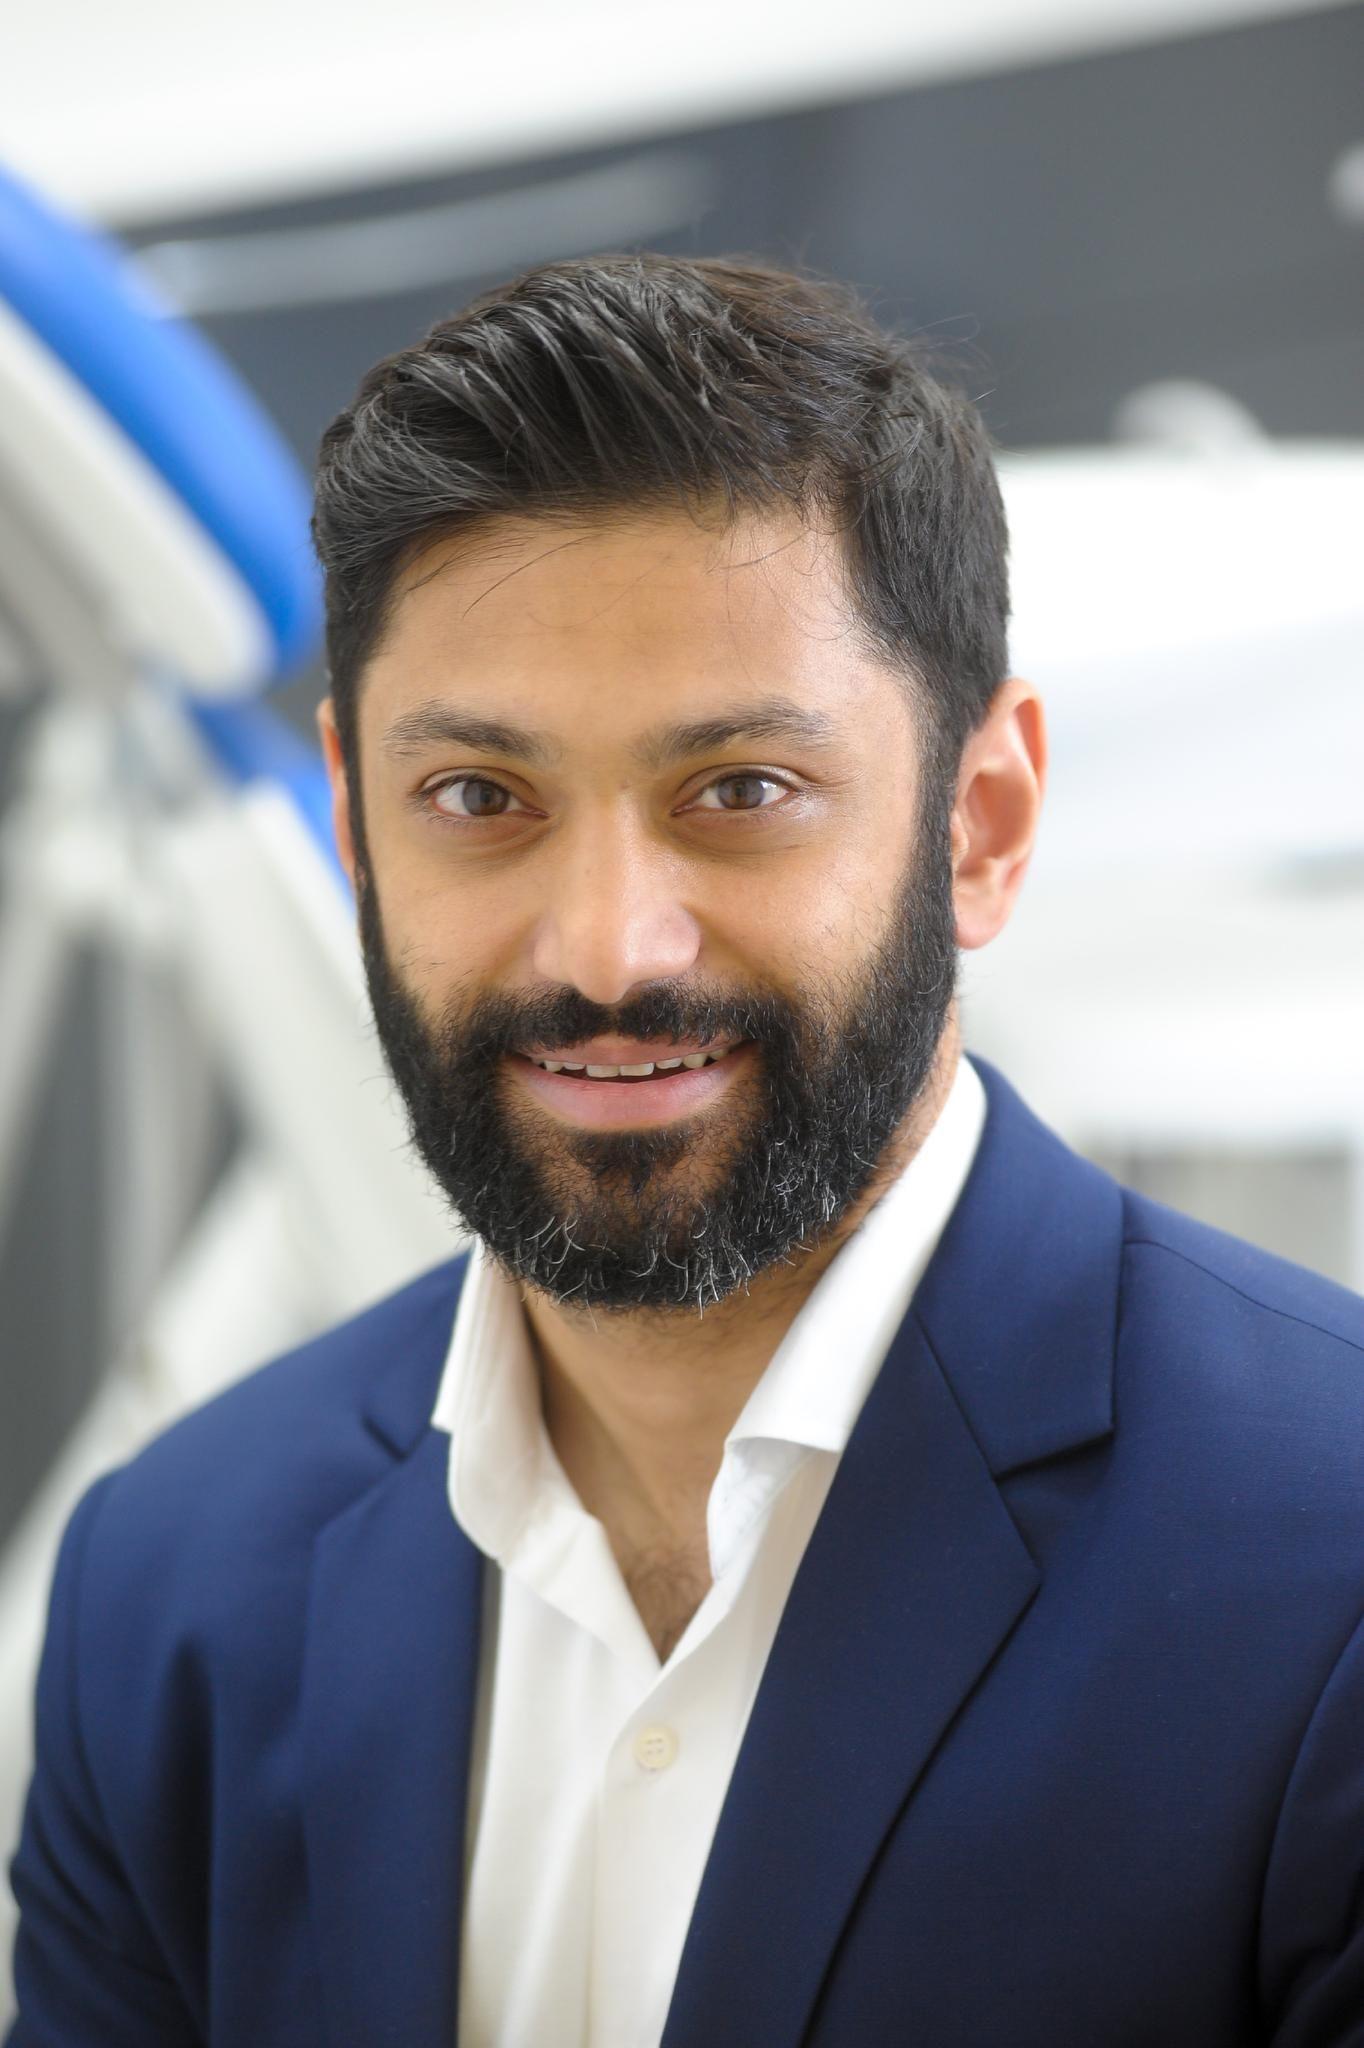 Dr Sam Shah